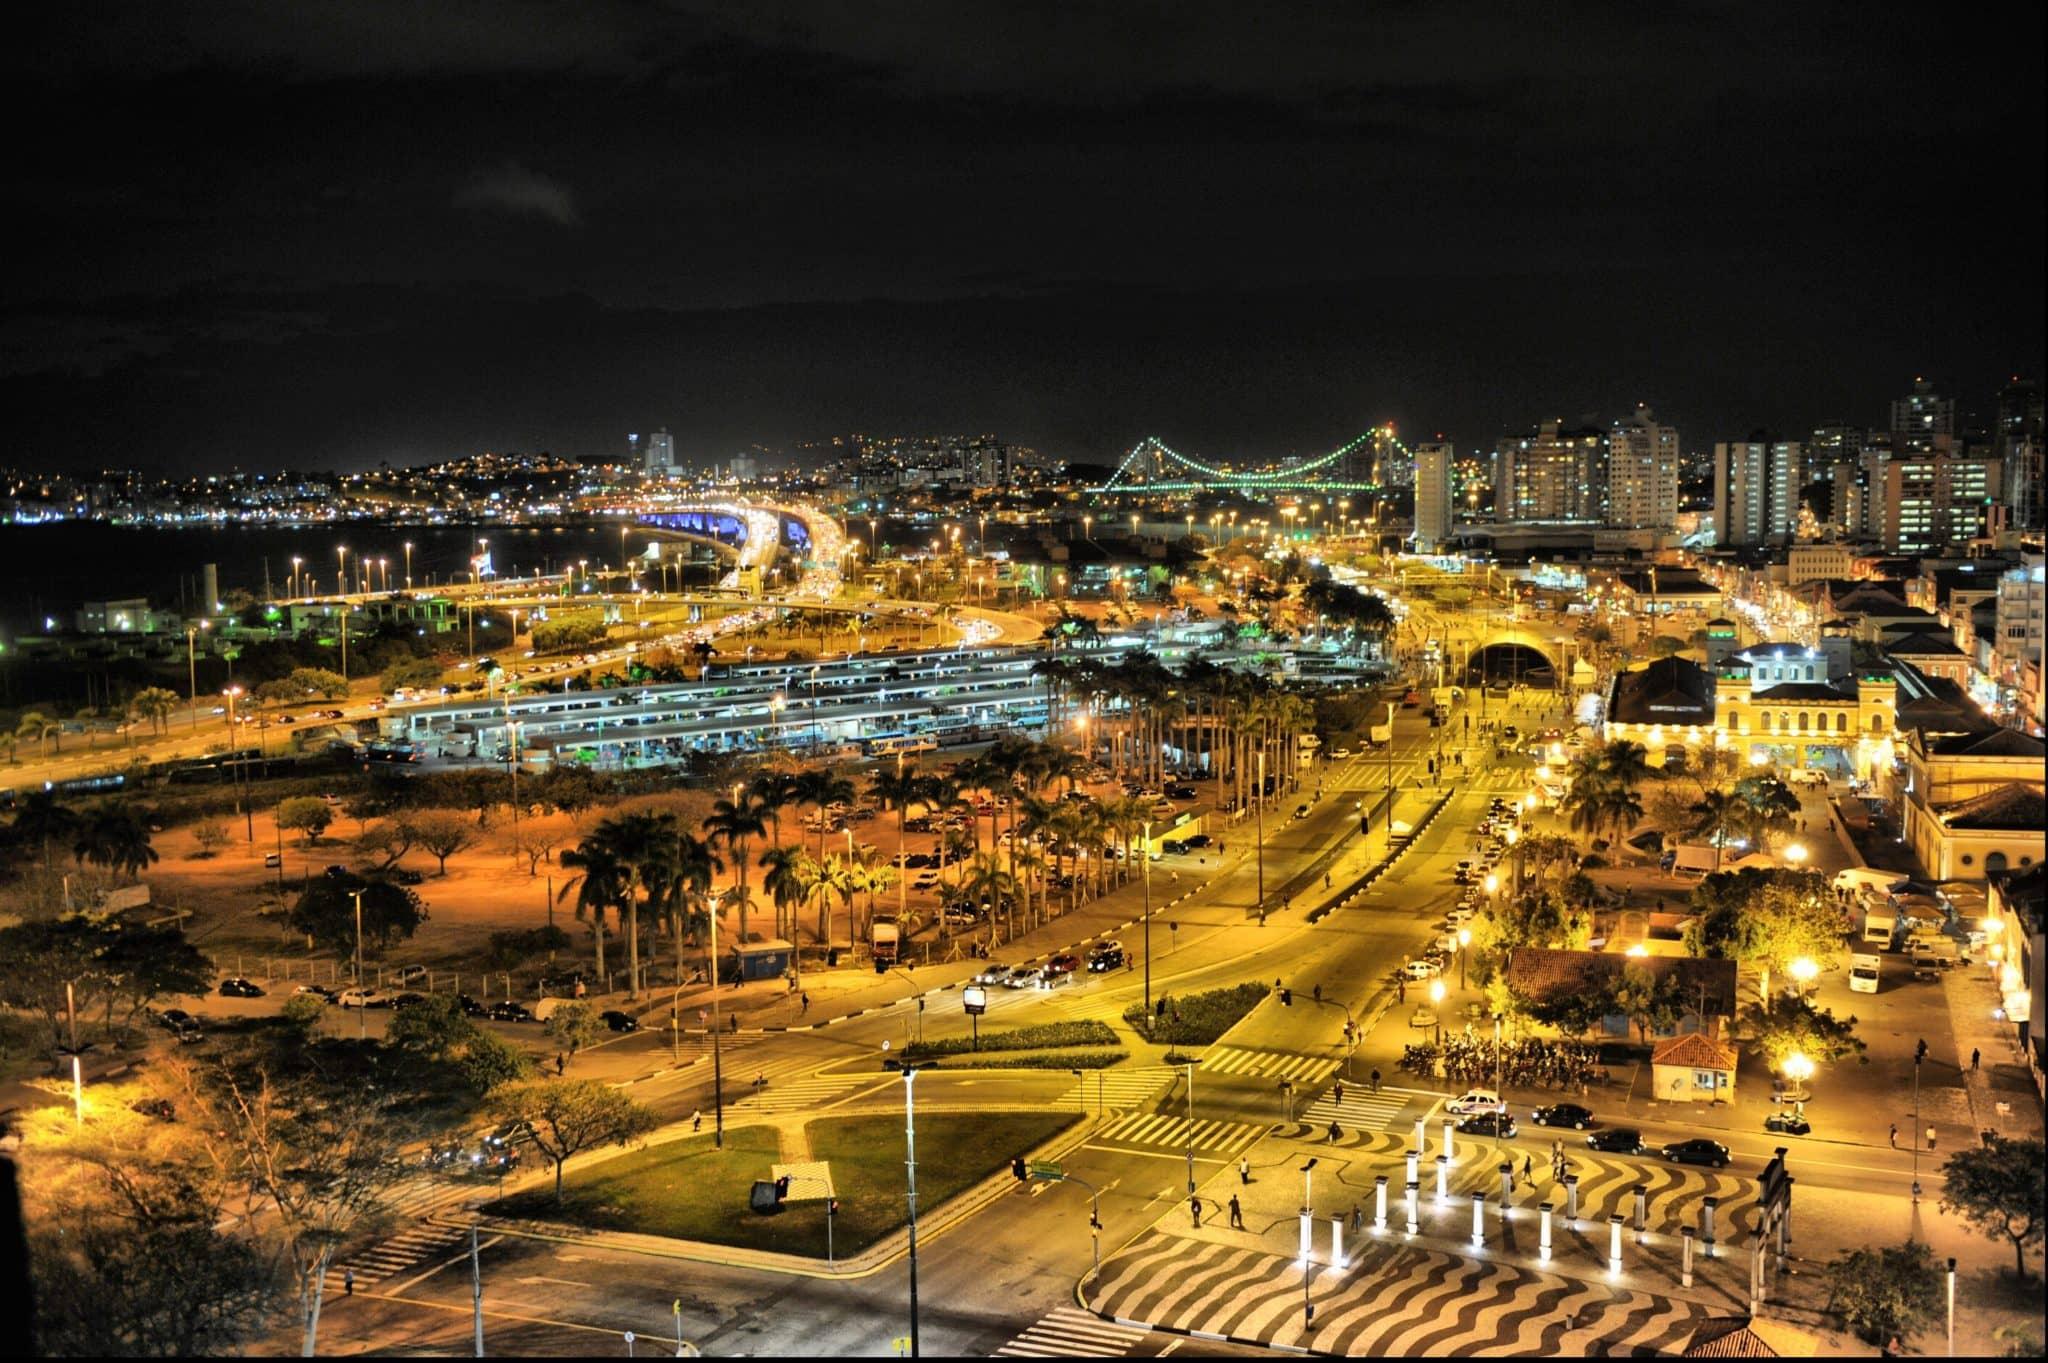 O que fazer à noite em Florianópolis